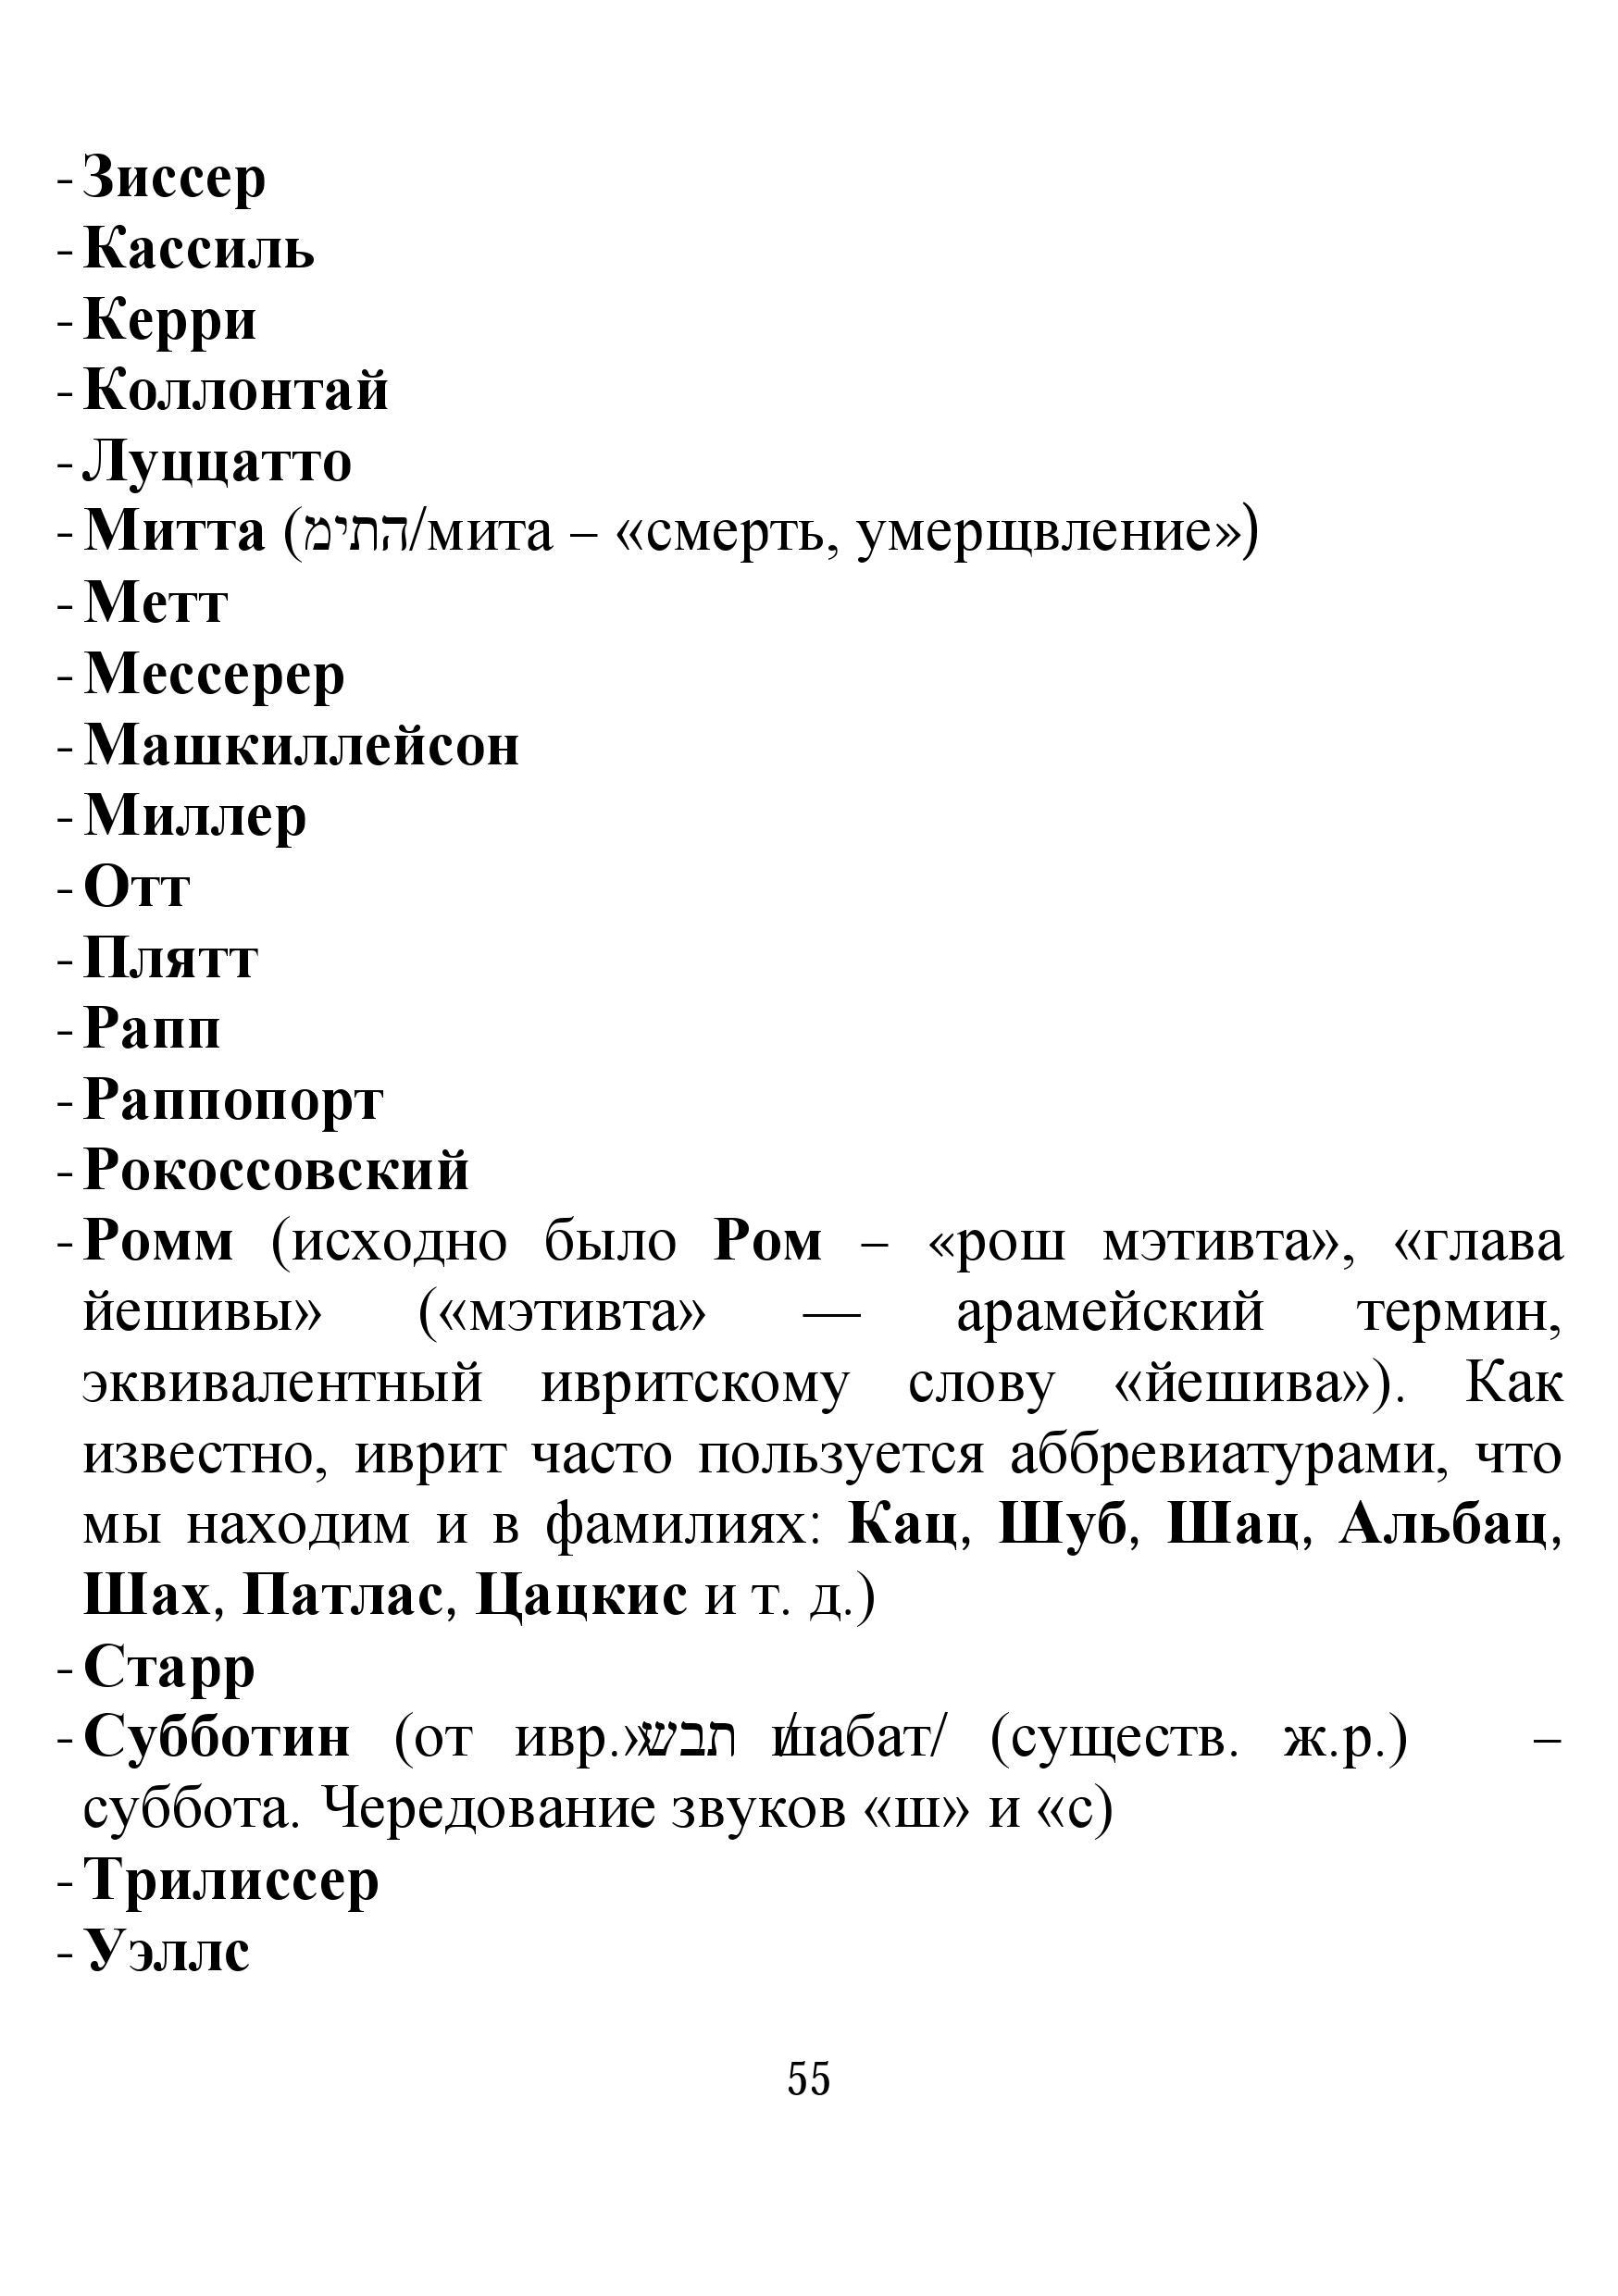 http://s3.uploads.ru/nzb0B.jpg